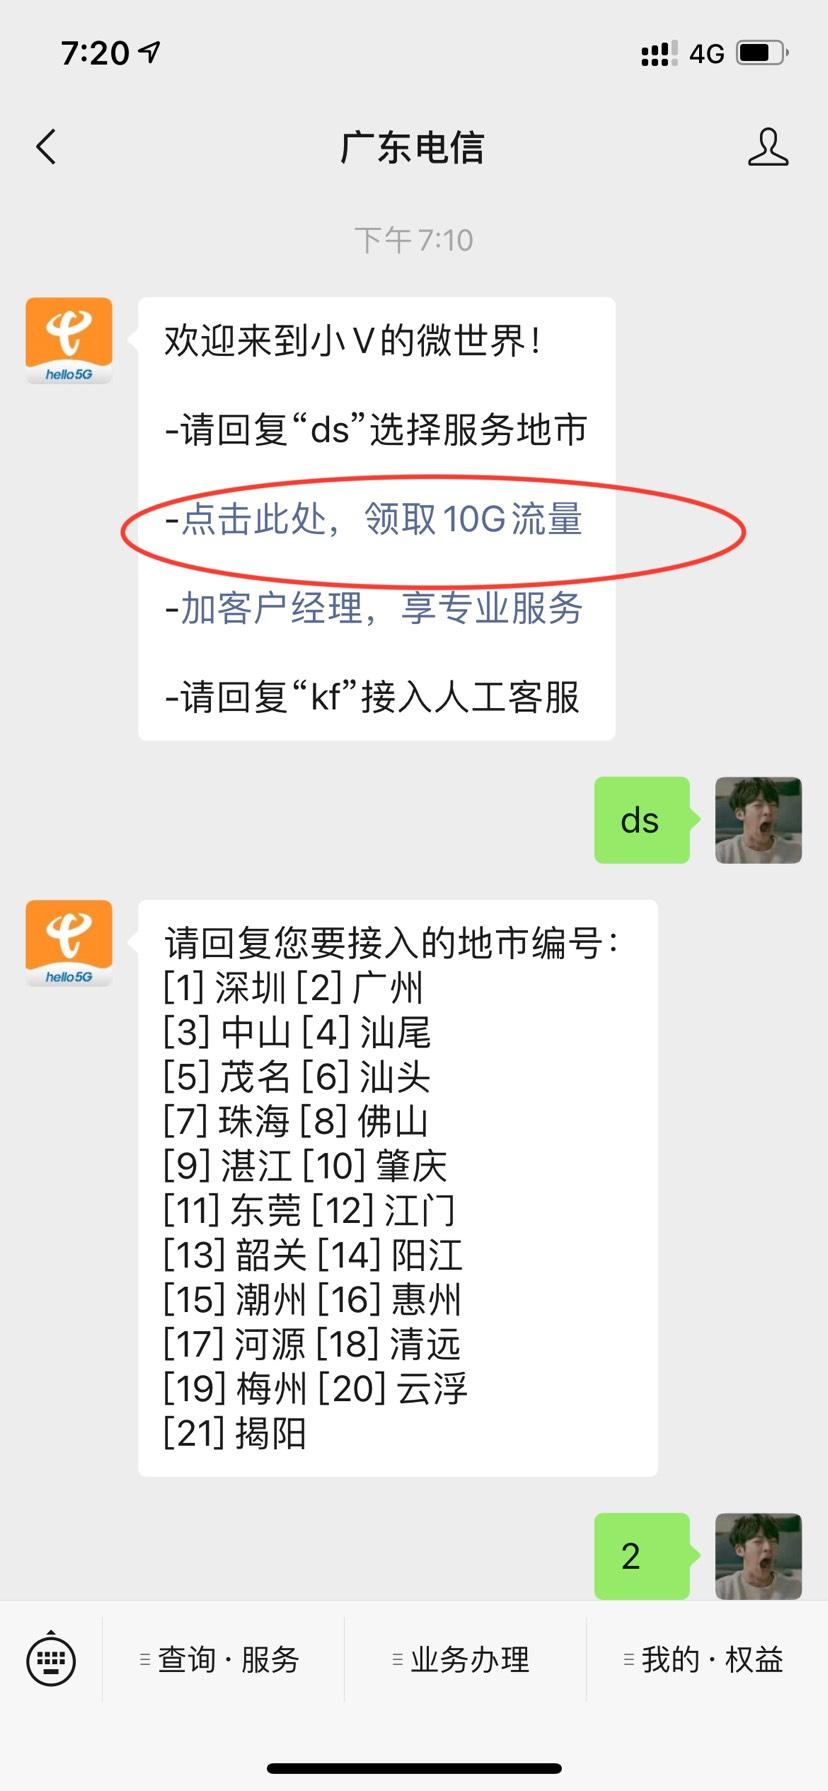 广东电信领取10G流量